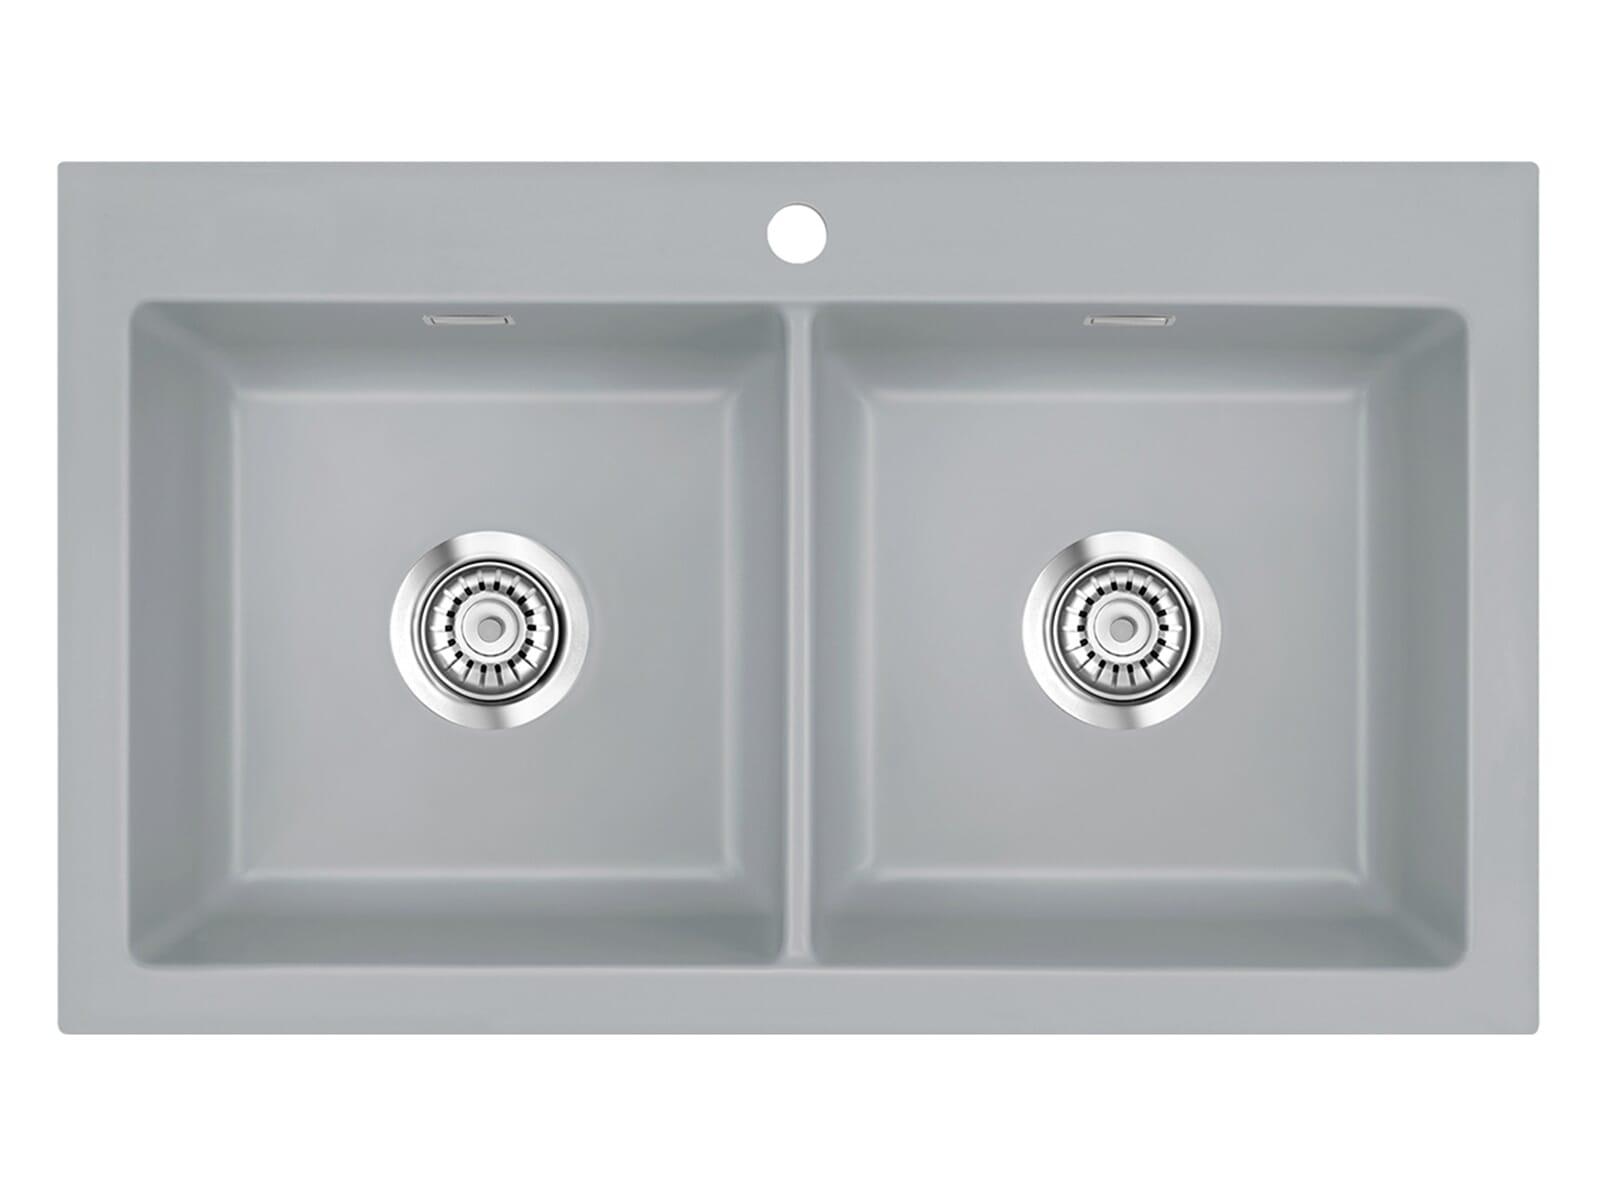 Systemceram Mera Twin Titan Keramikspüle Handbetätigung